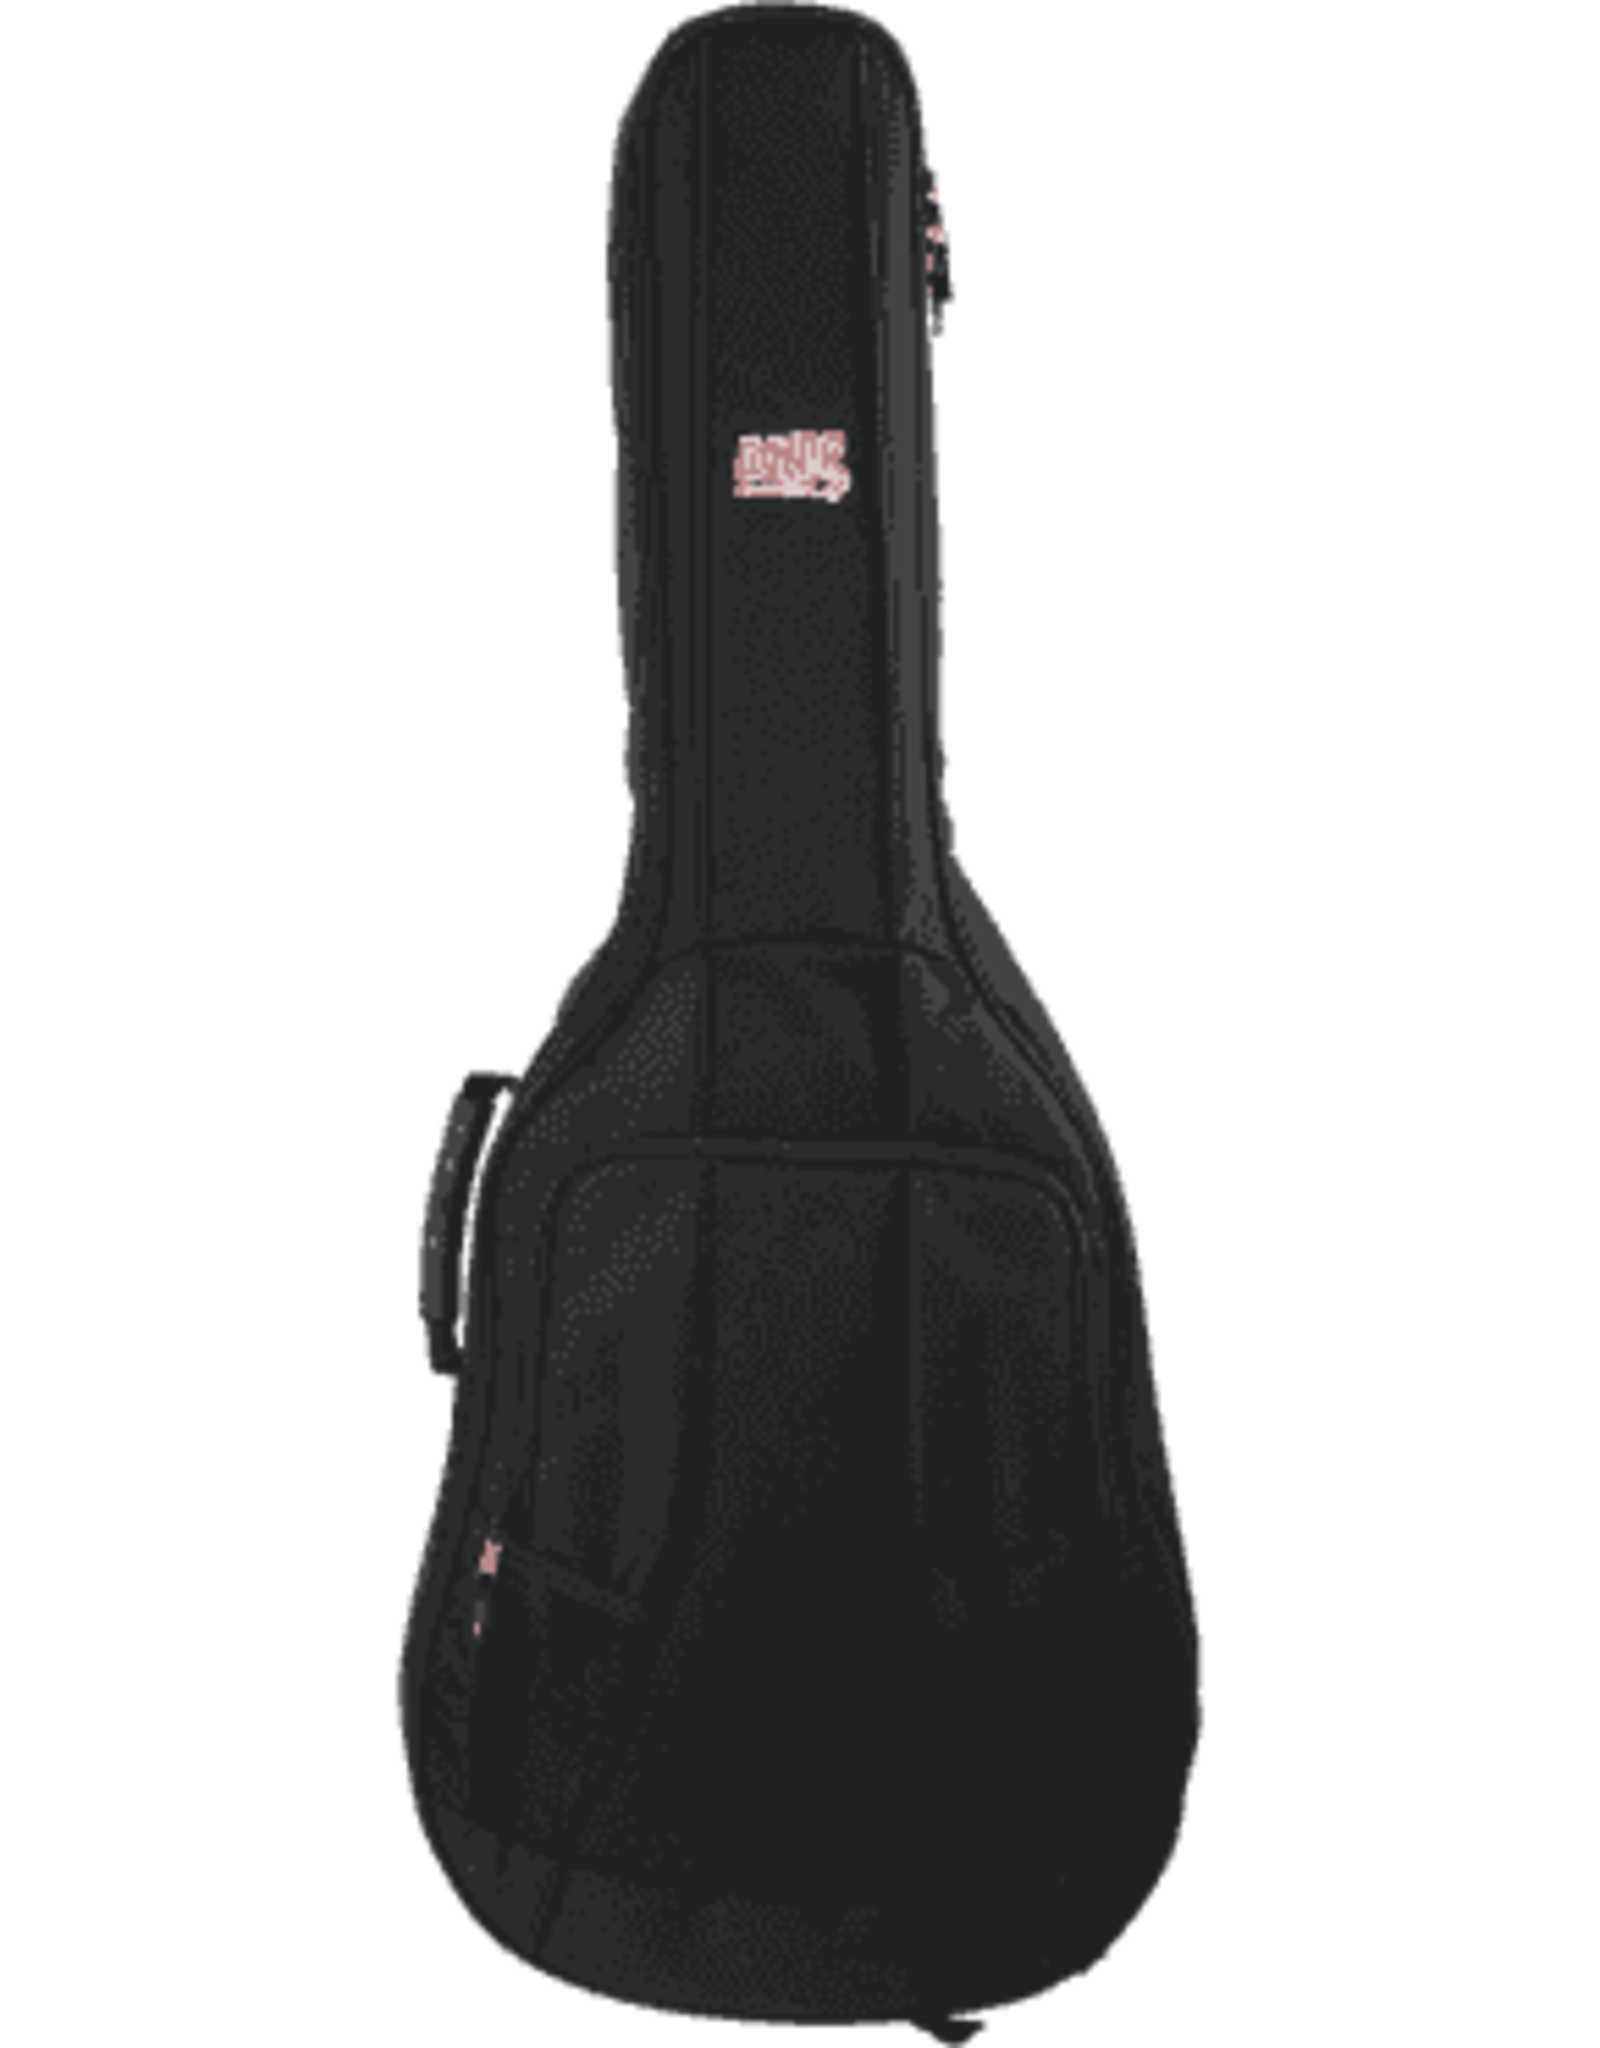 GATOR gitaartas - Nylon 4G – klassiek